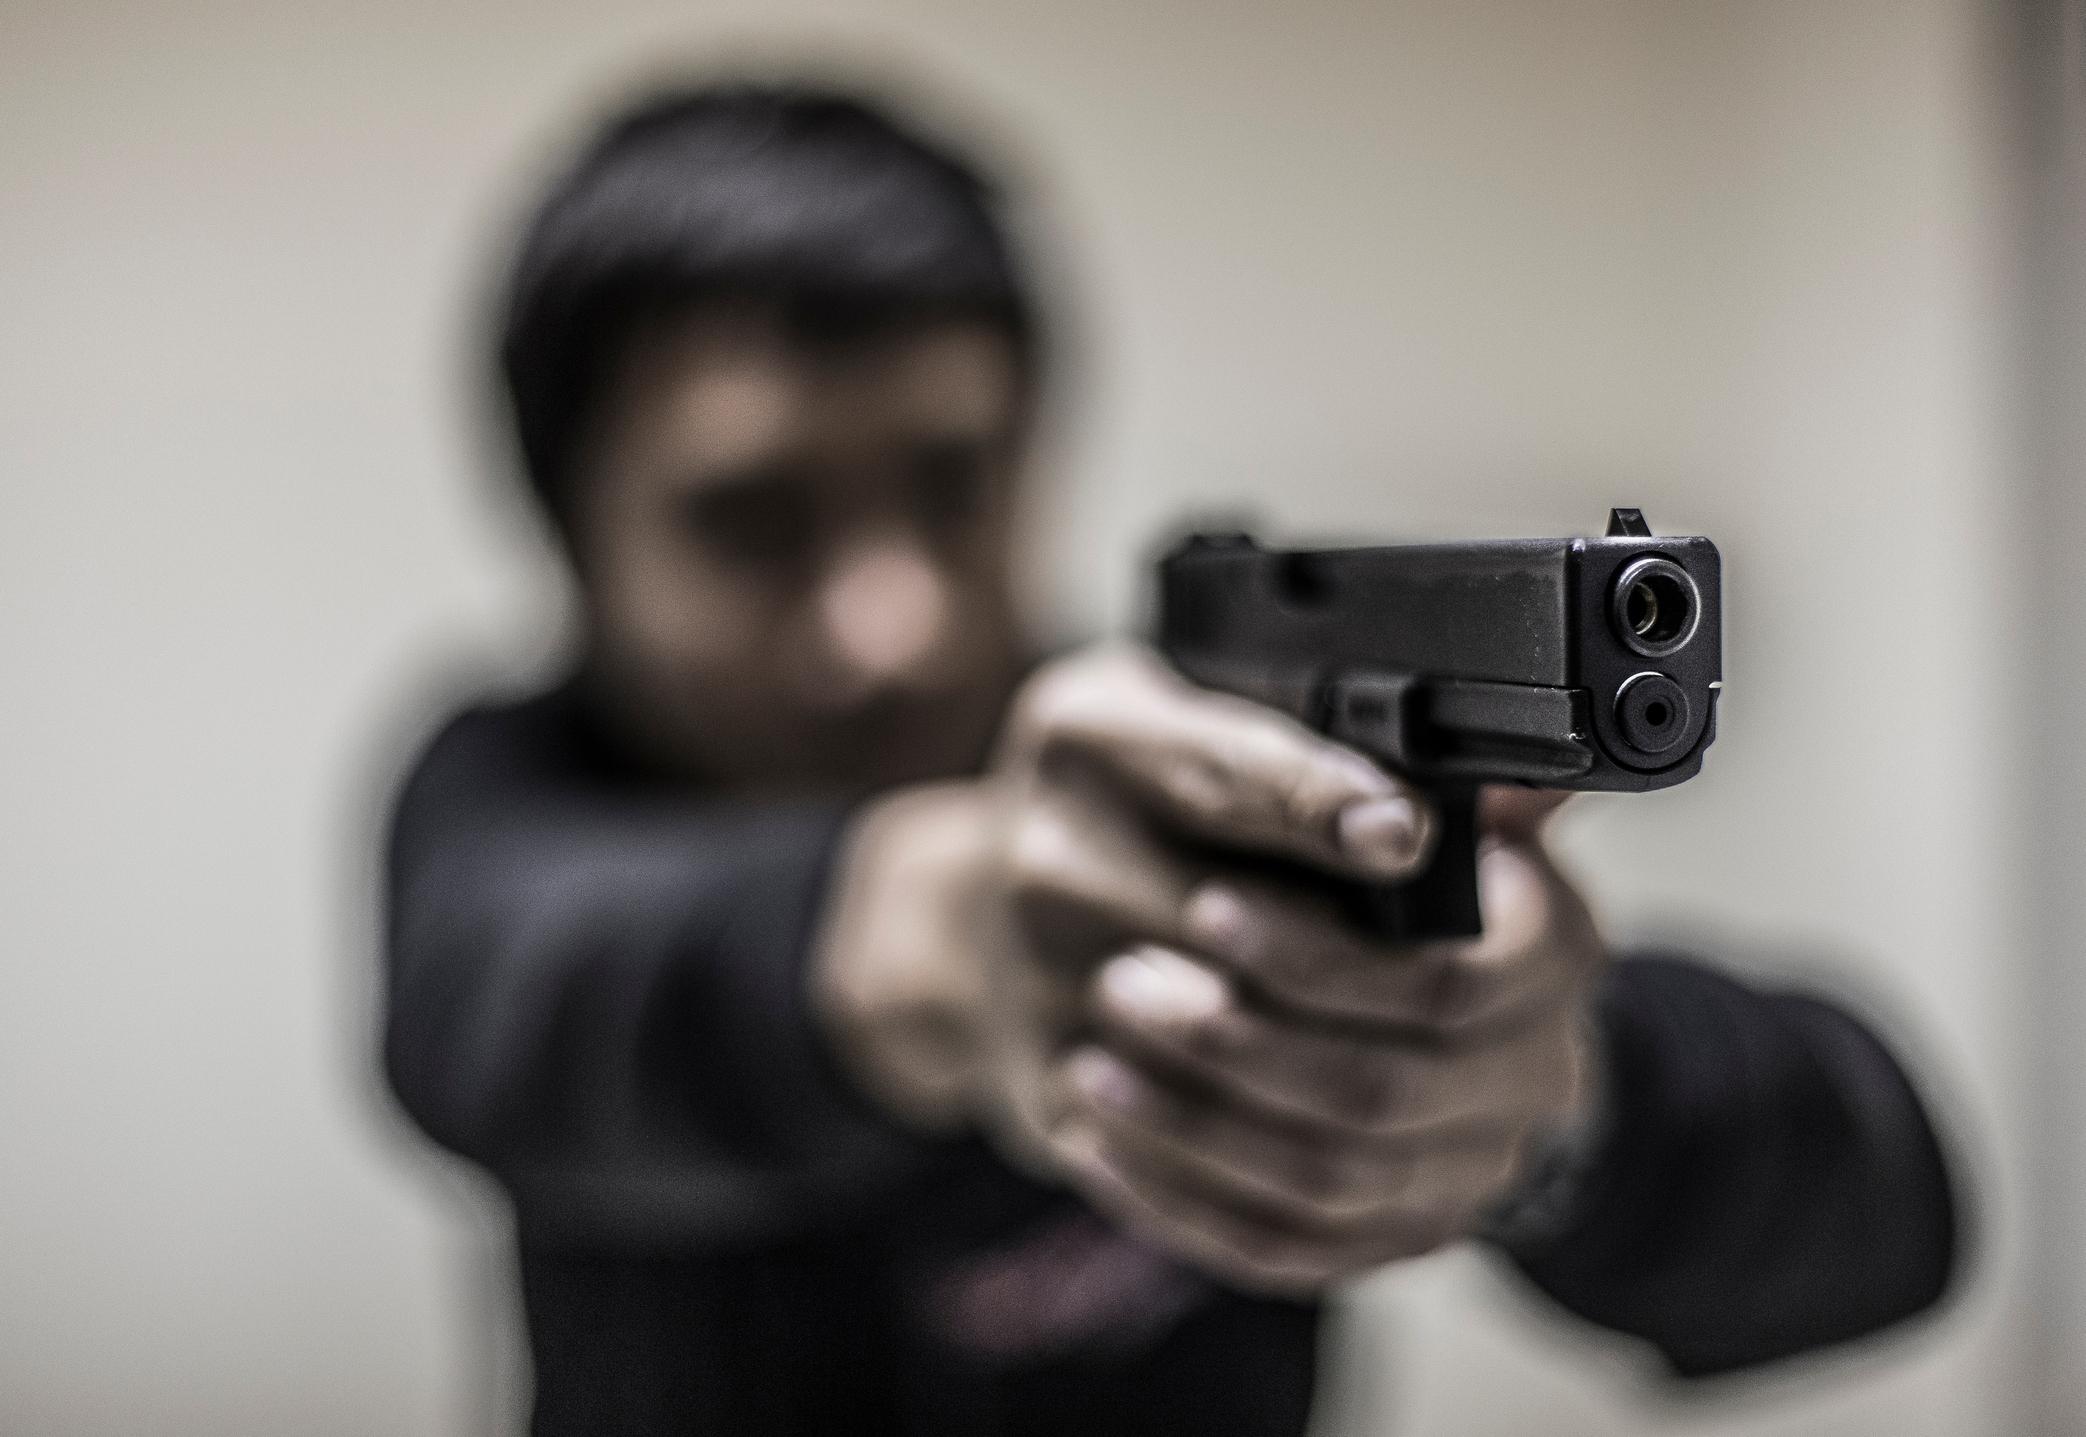 Man Aiming With Gun Against Wall